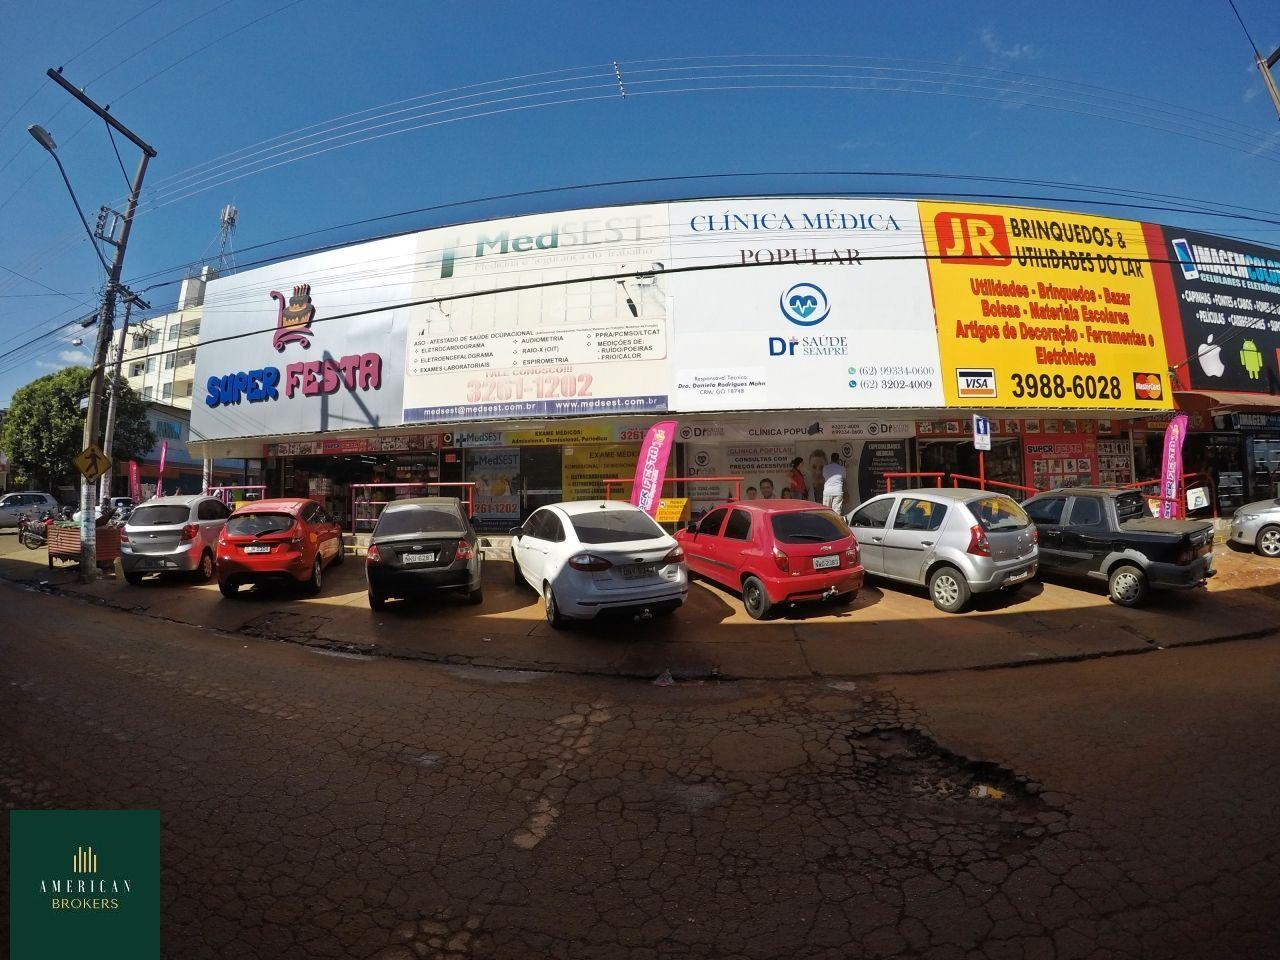 Imóvel comercial à venda  no Setor Leste Universitário - Goiânia, GO. Imóveis